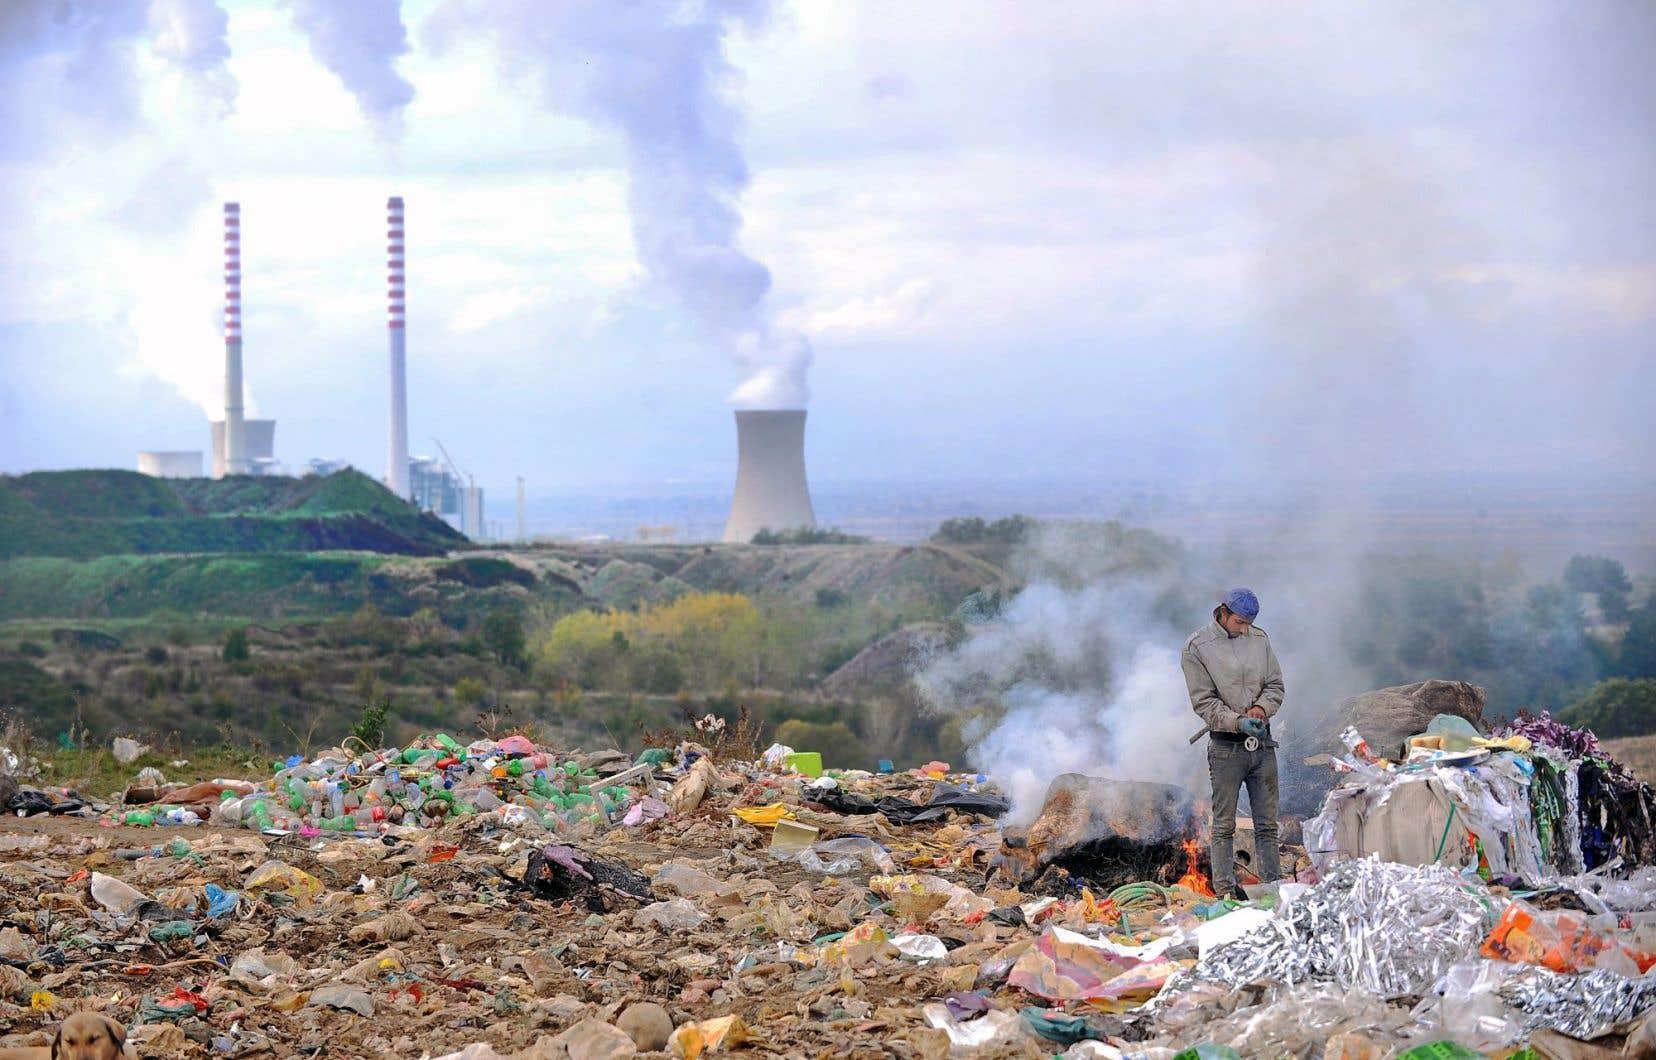 Un citadin récupérait du plastique la semaine dernière dans une décharge située près de la centrale thermique très polluante de Bitola, en Macédoine.